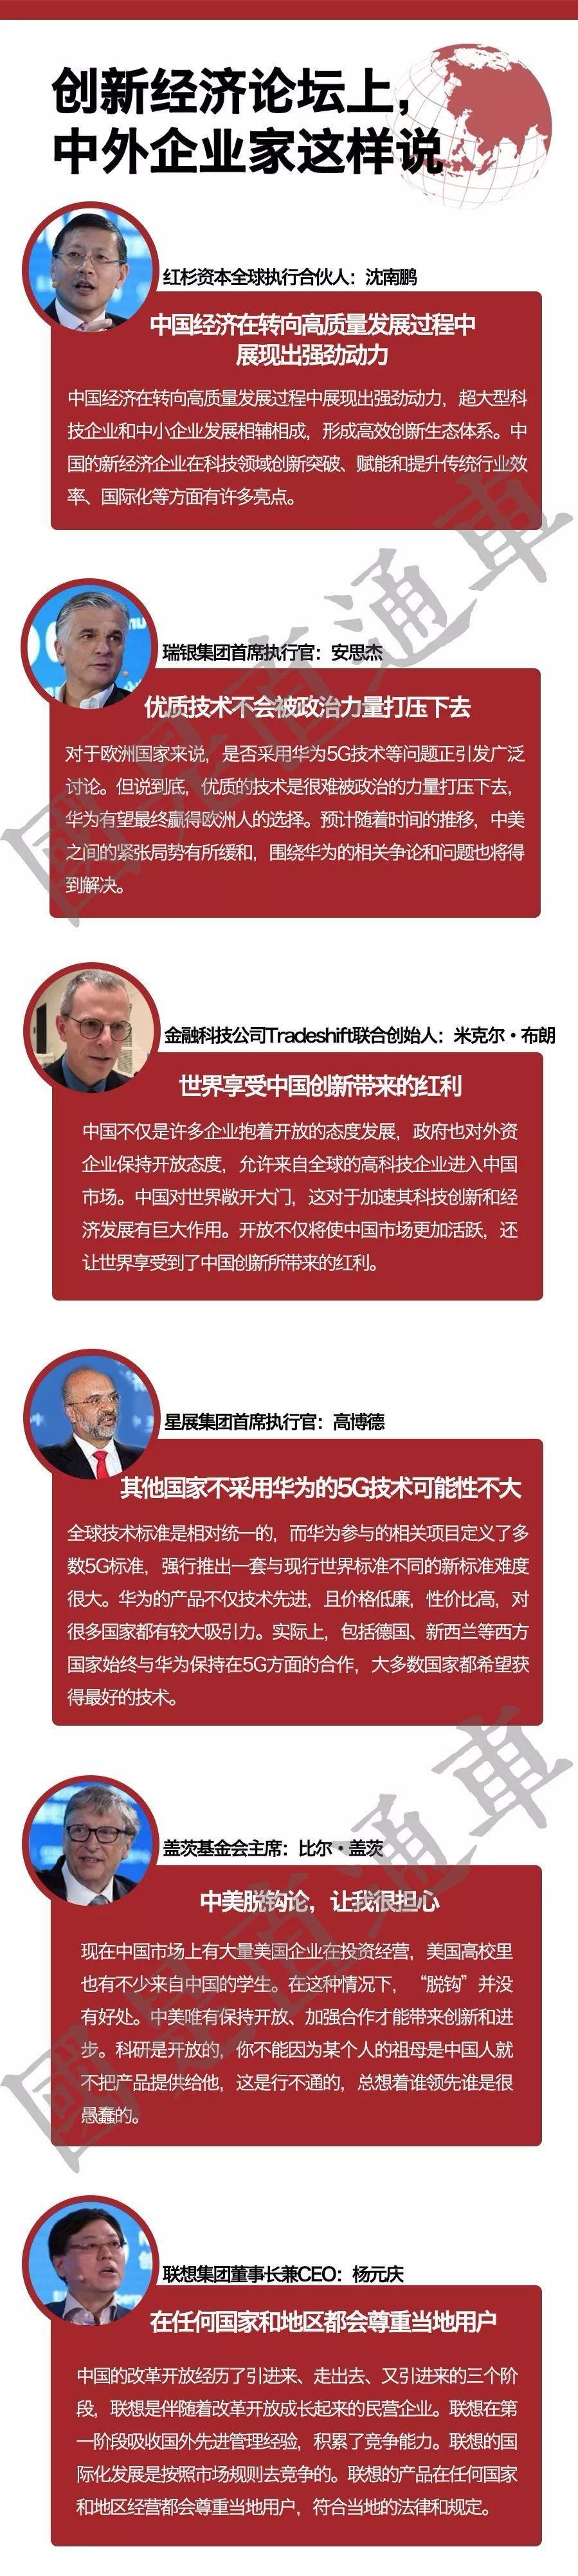 """中原娱乐场首存·中国""""工业化超前,城市化滞后"""",问题很严重?"""